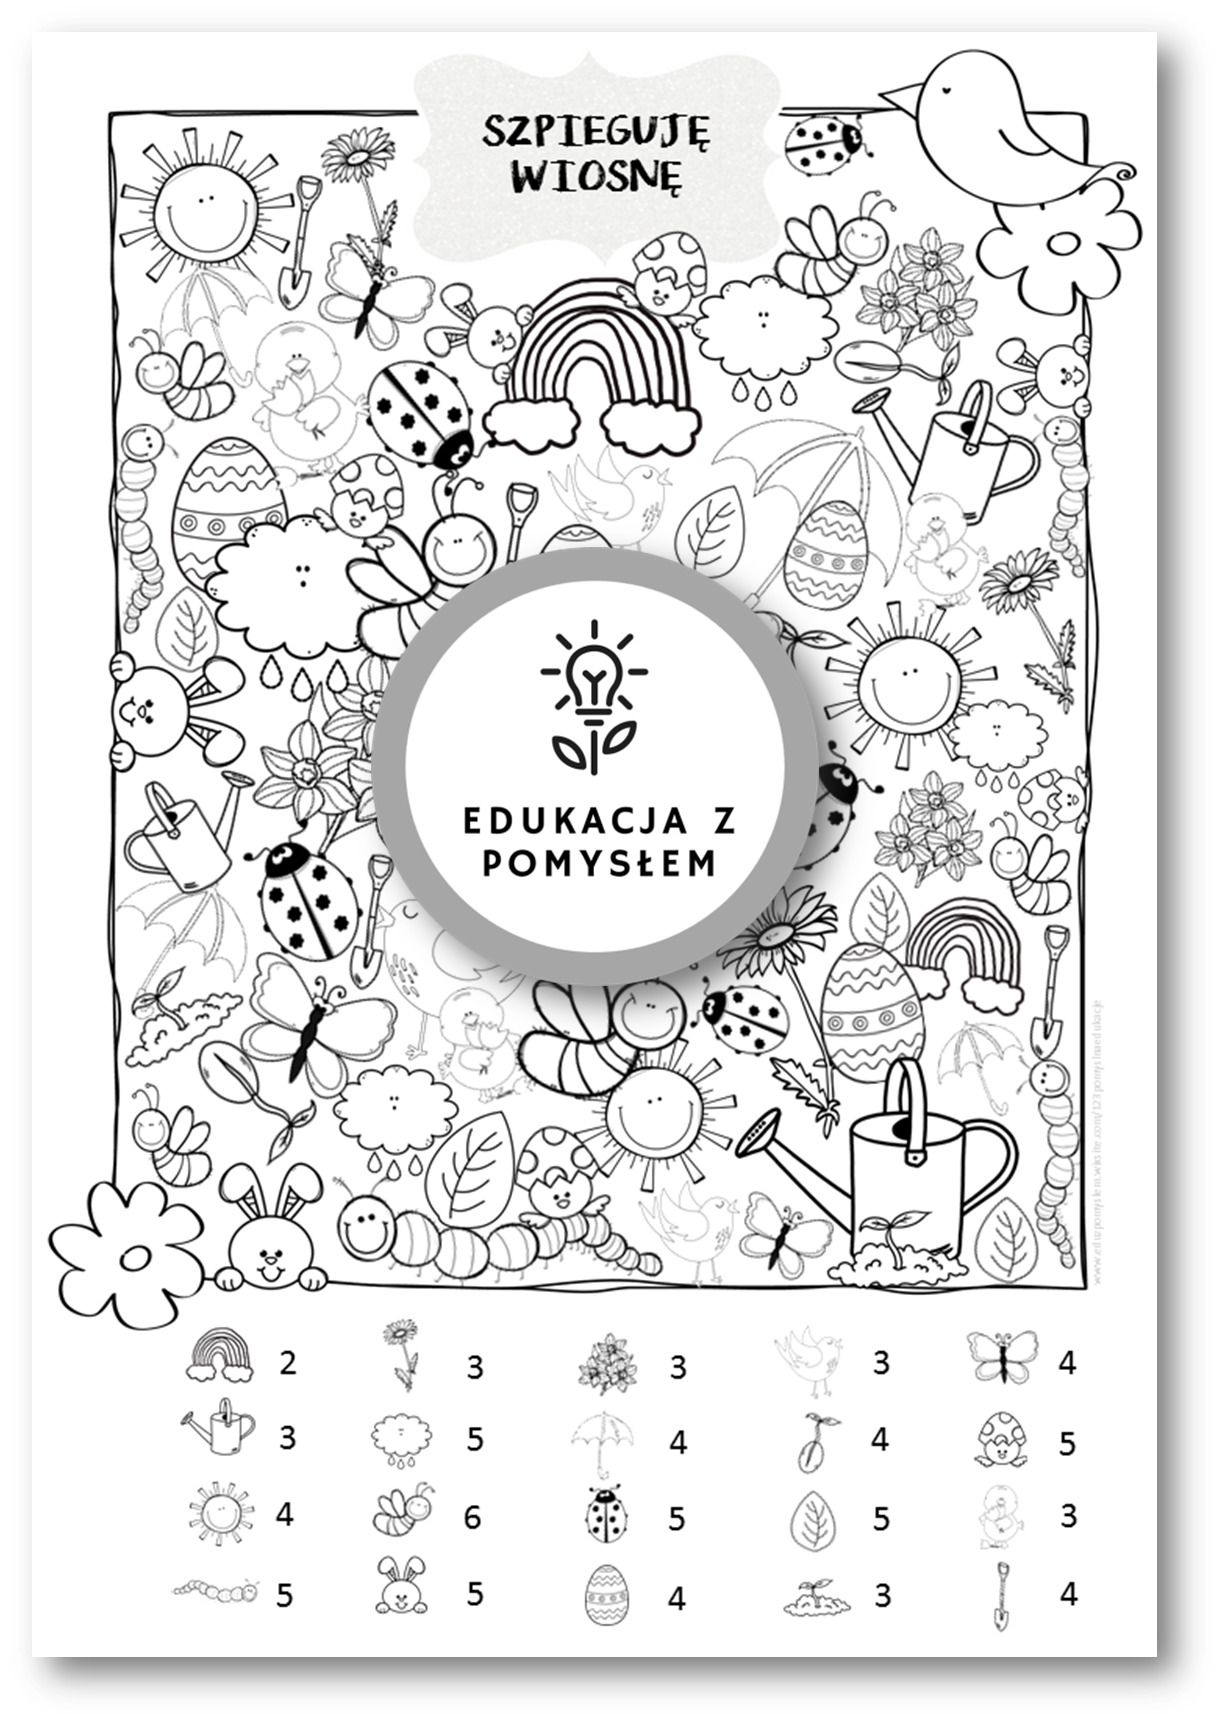 Szpieguj Wiosne Gra Dla Dzieci In 2020 Symbols Letters